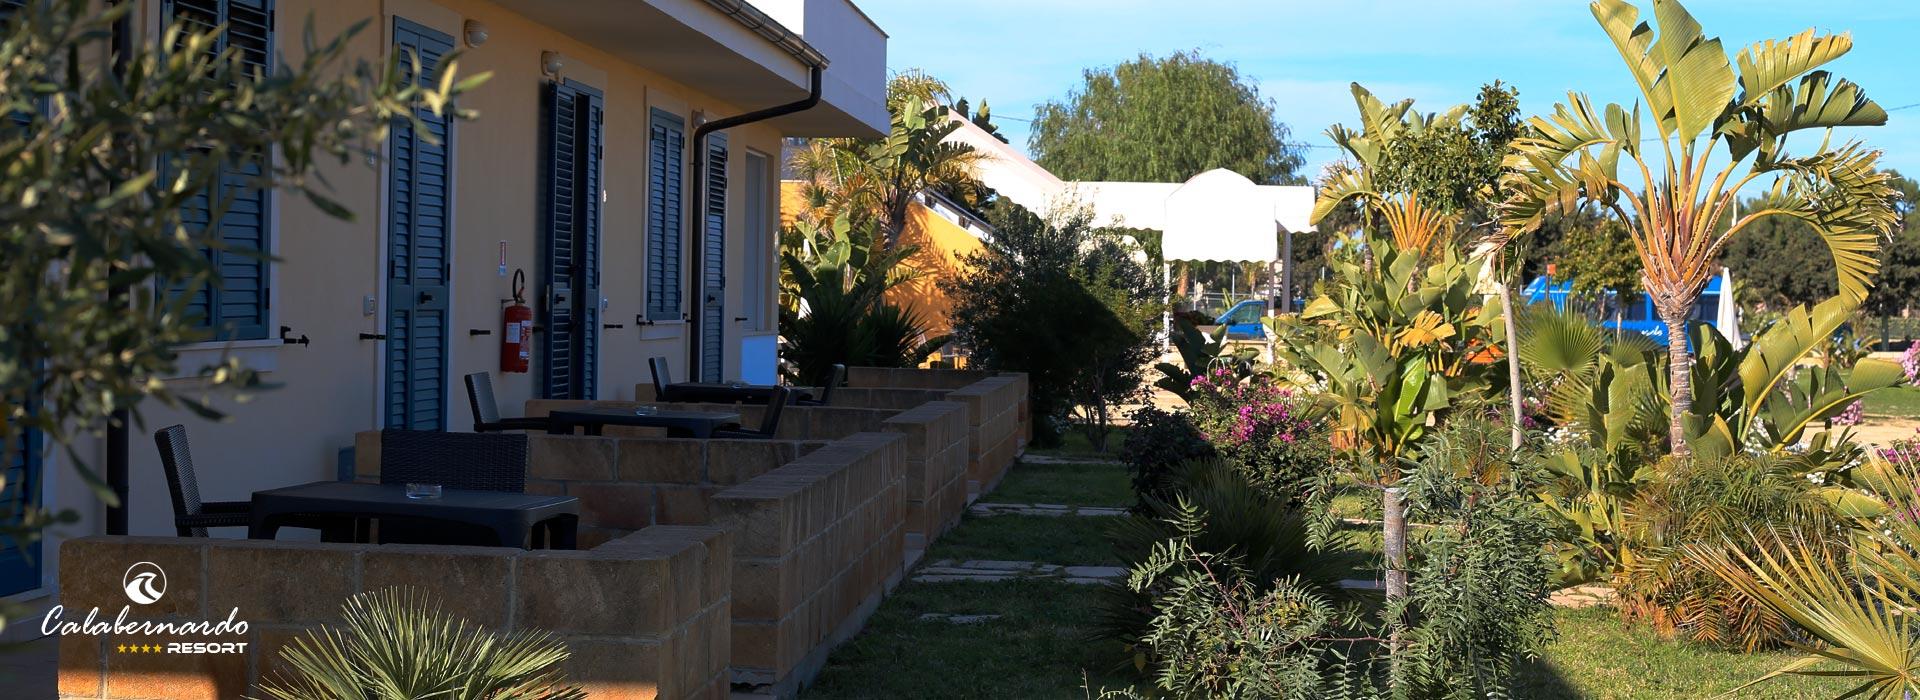 Calabernardo Resort giardino